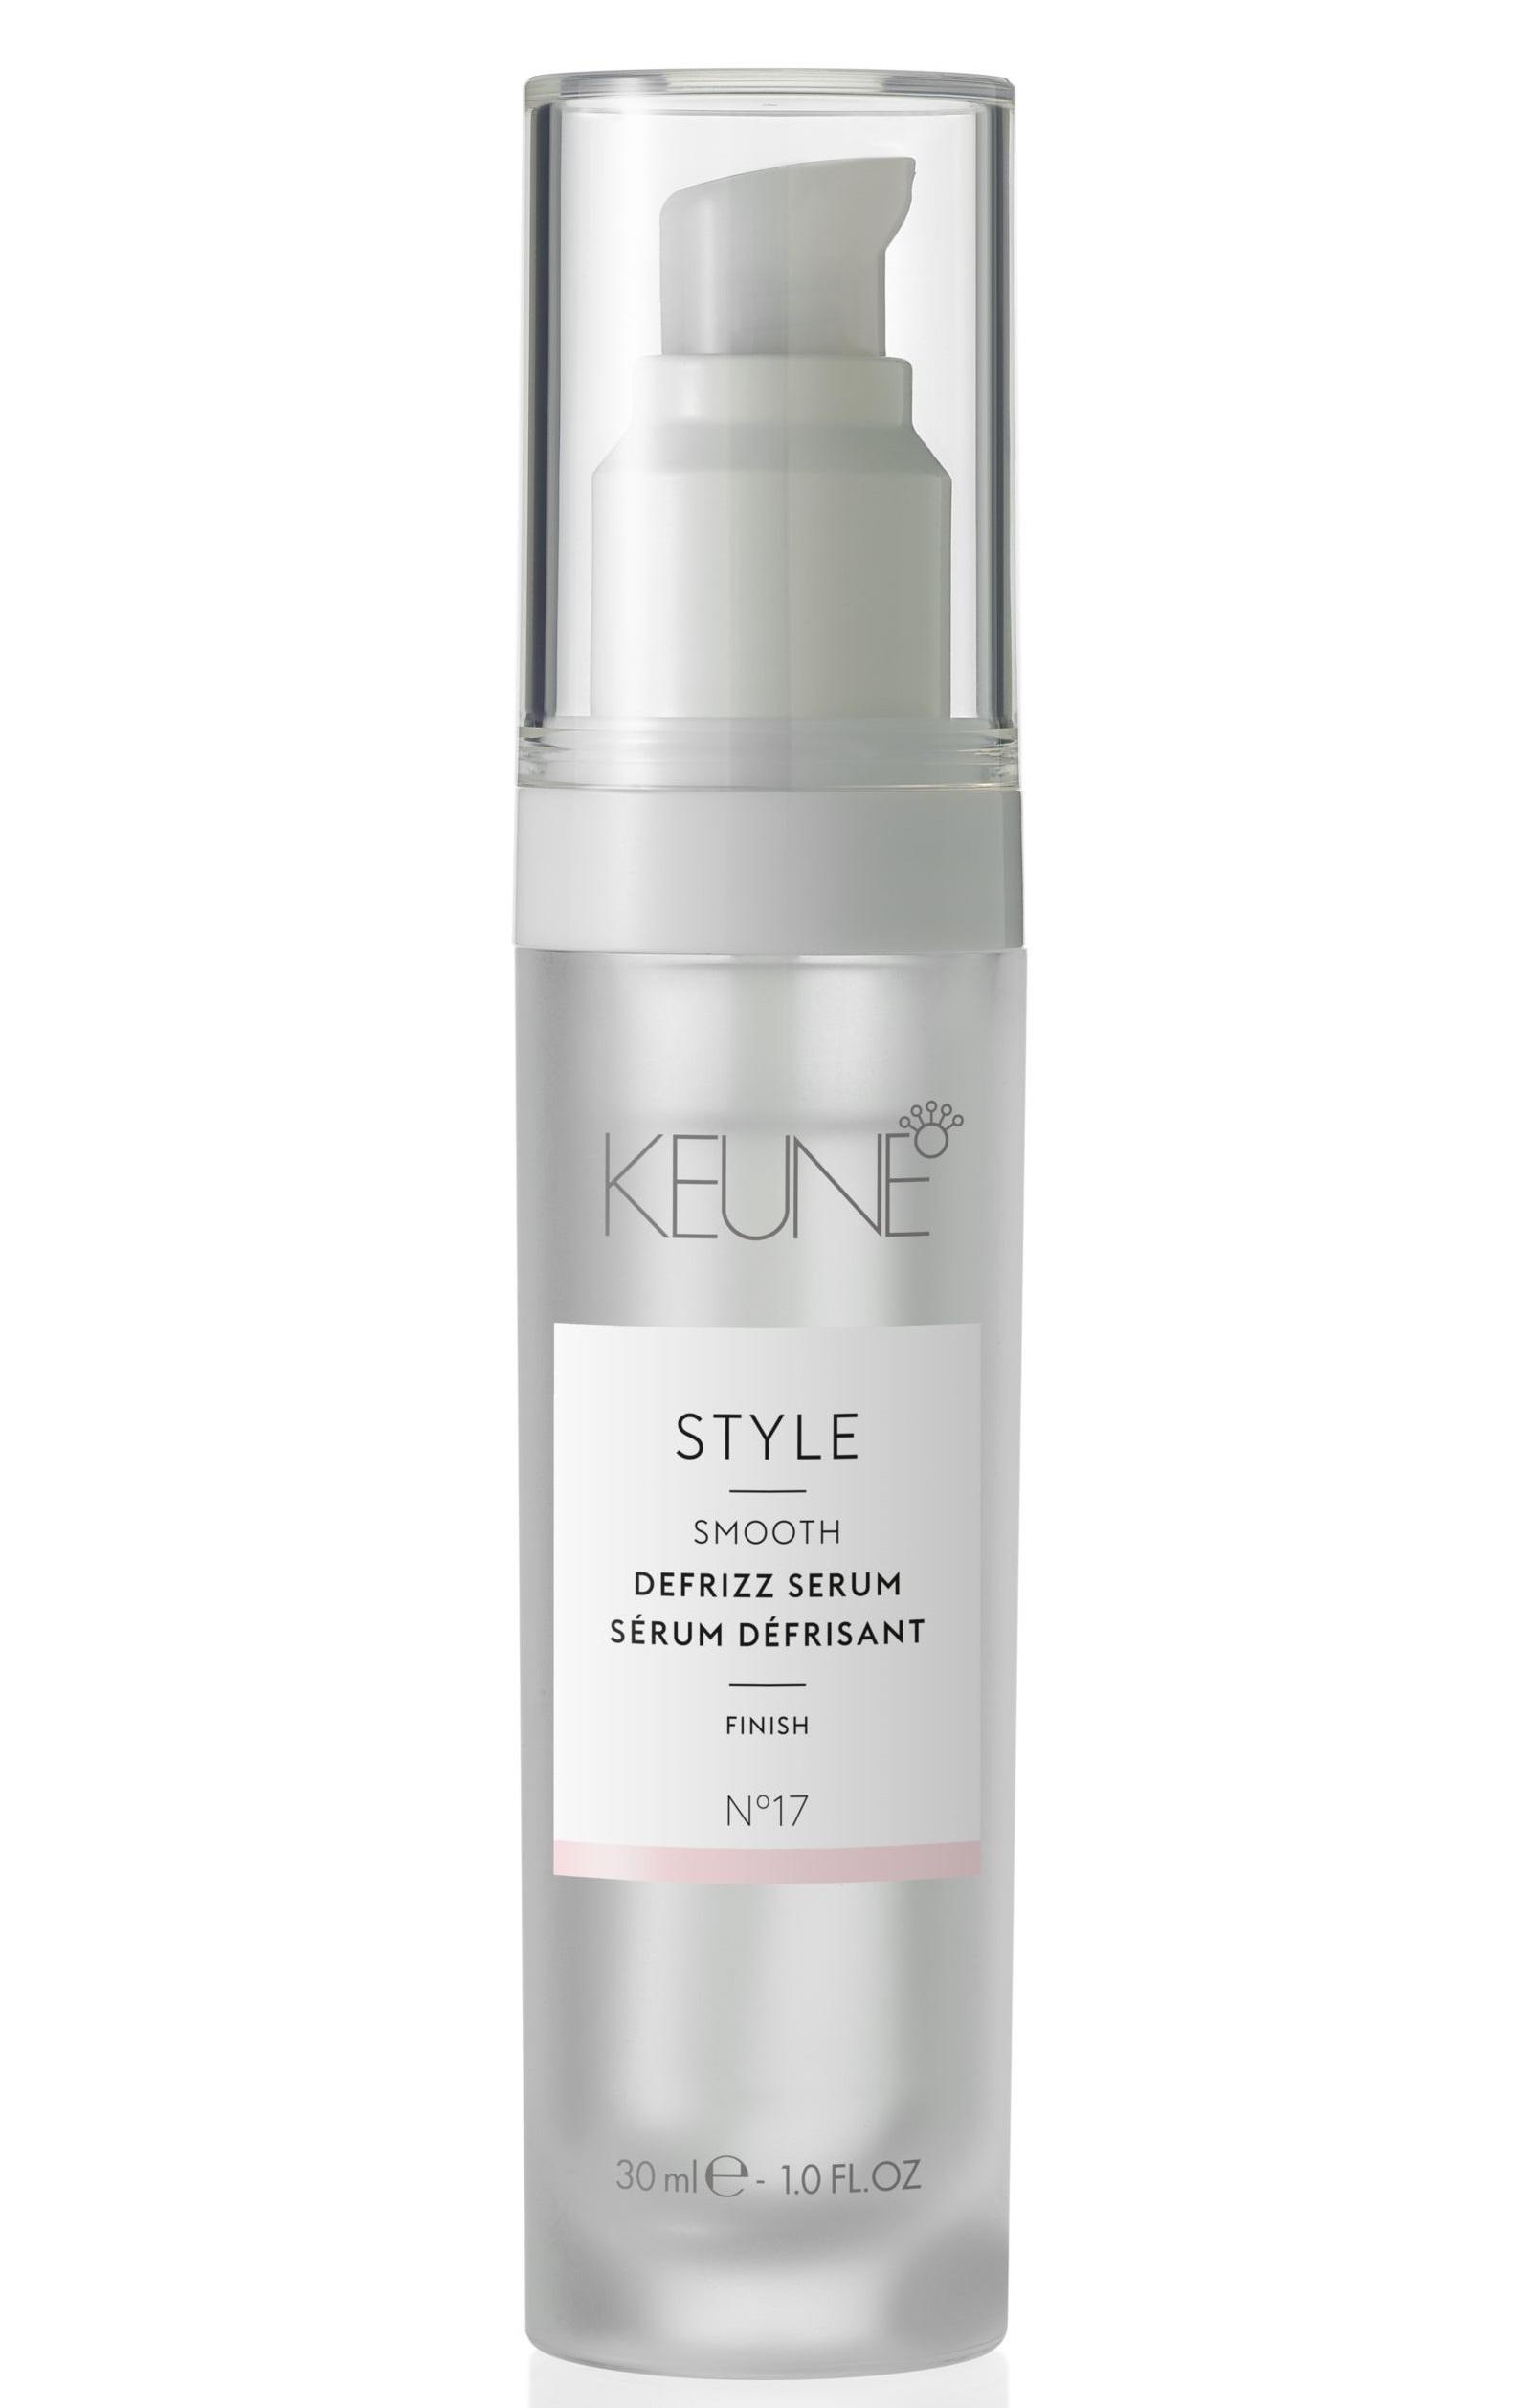 KEUNE Сыворотка для блеска волос / STYLE DEFRIZZ SERUM 30 мл